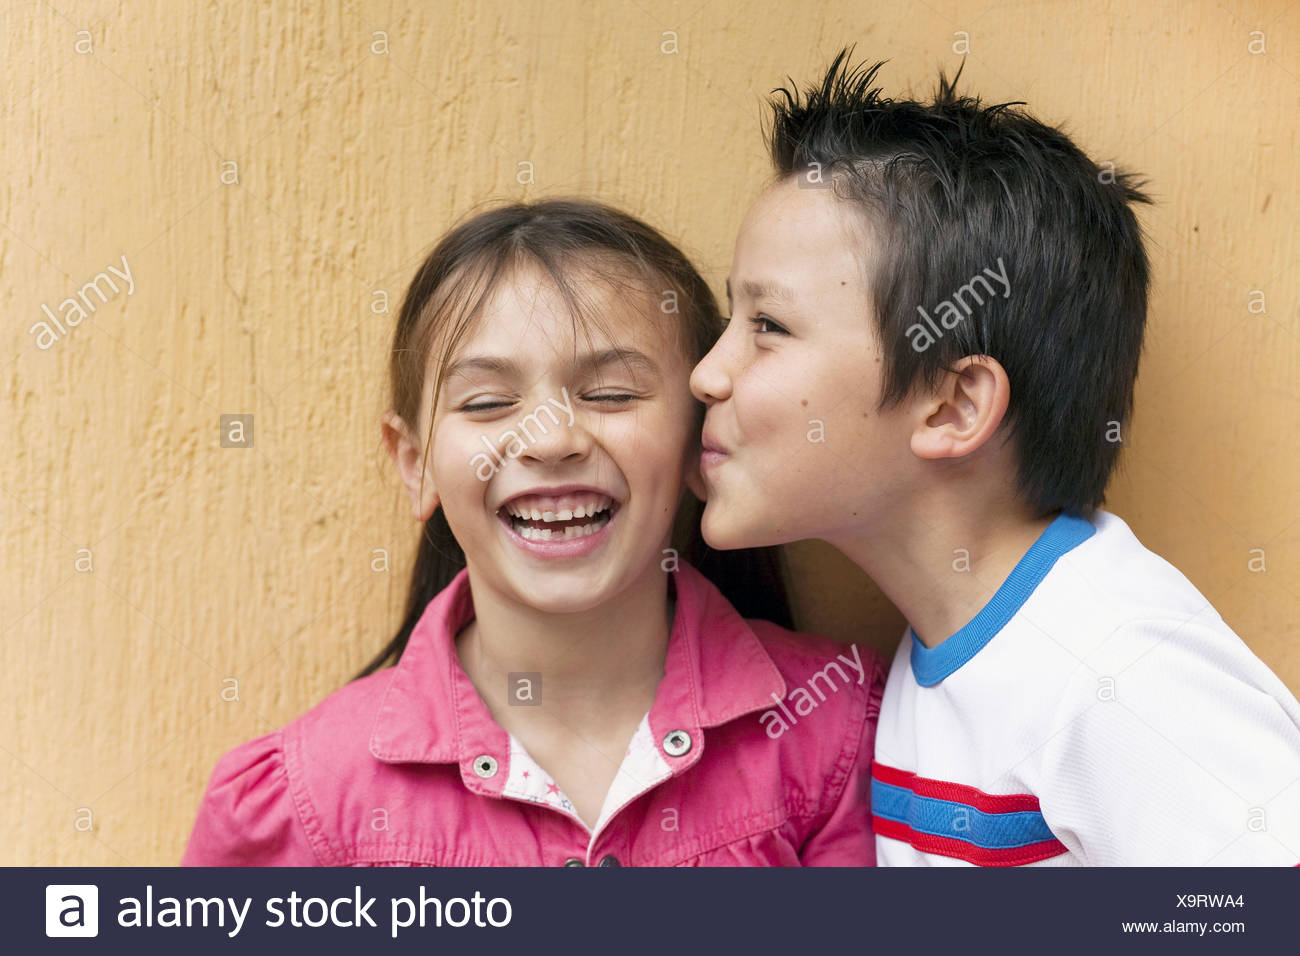 girls first kiss